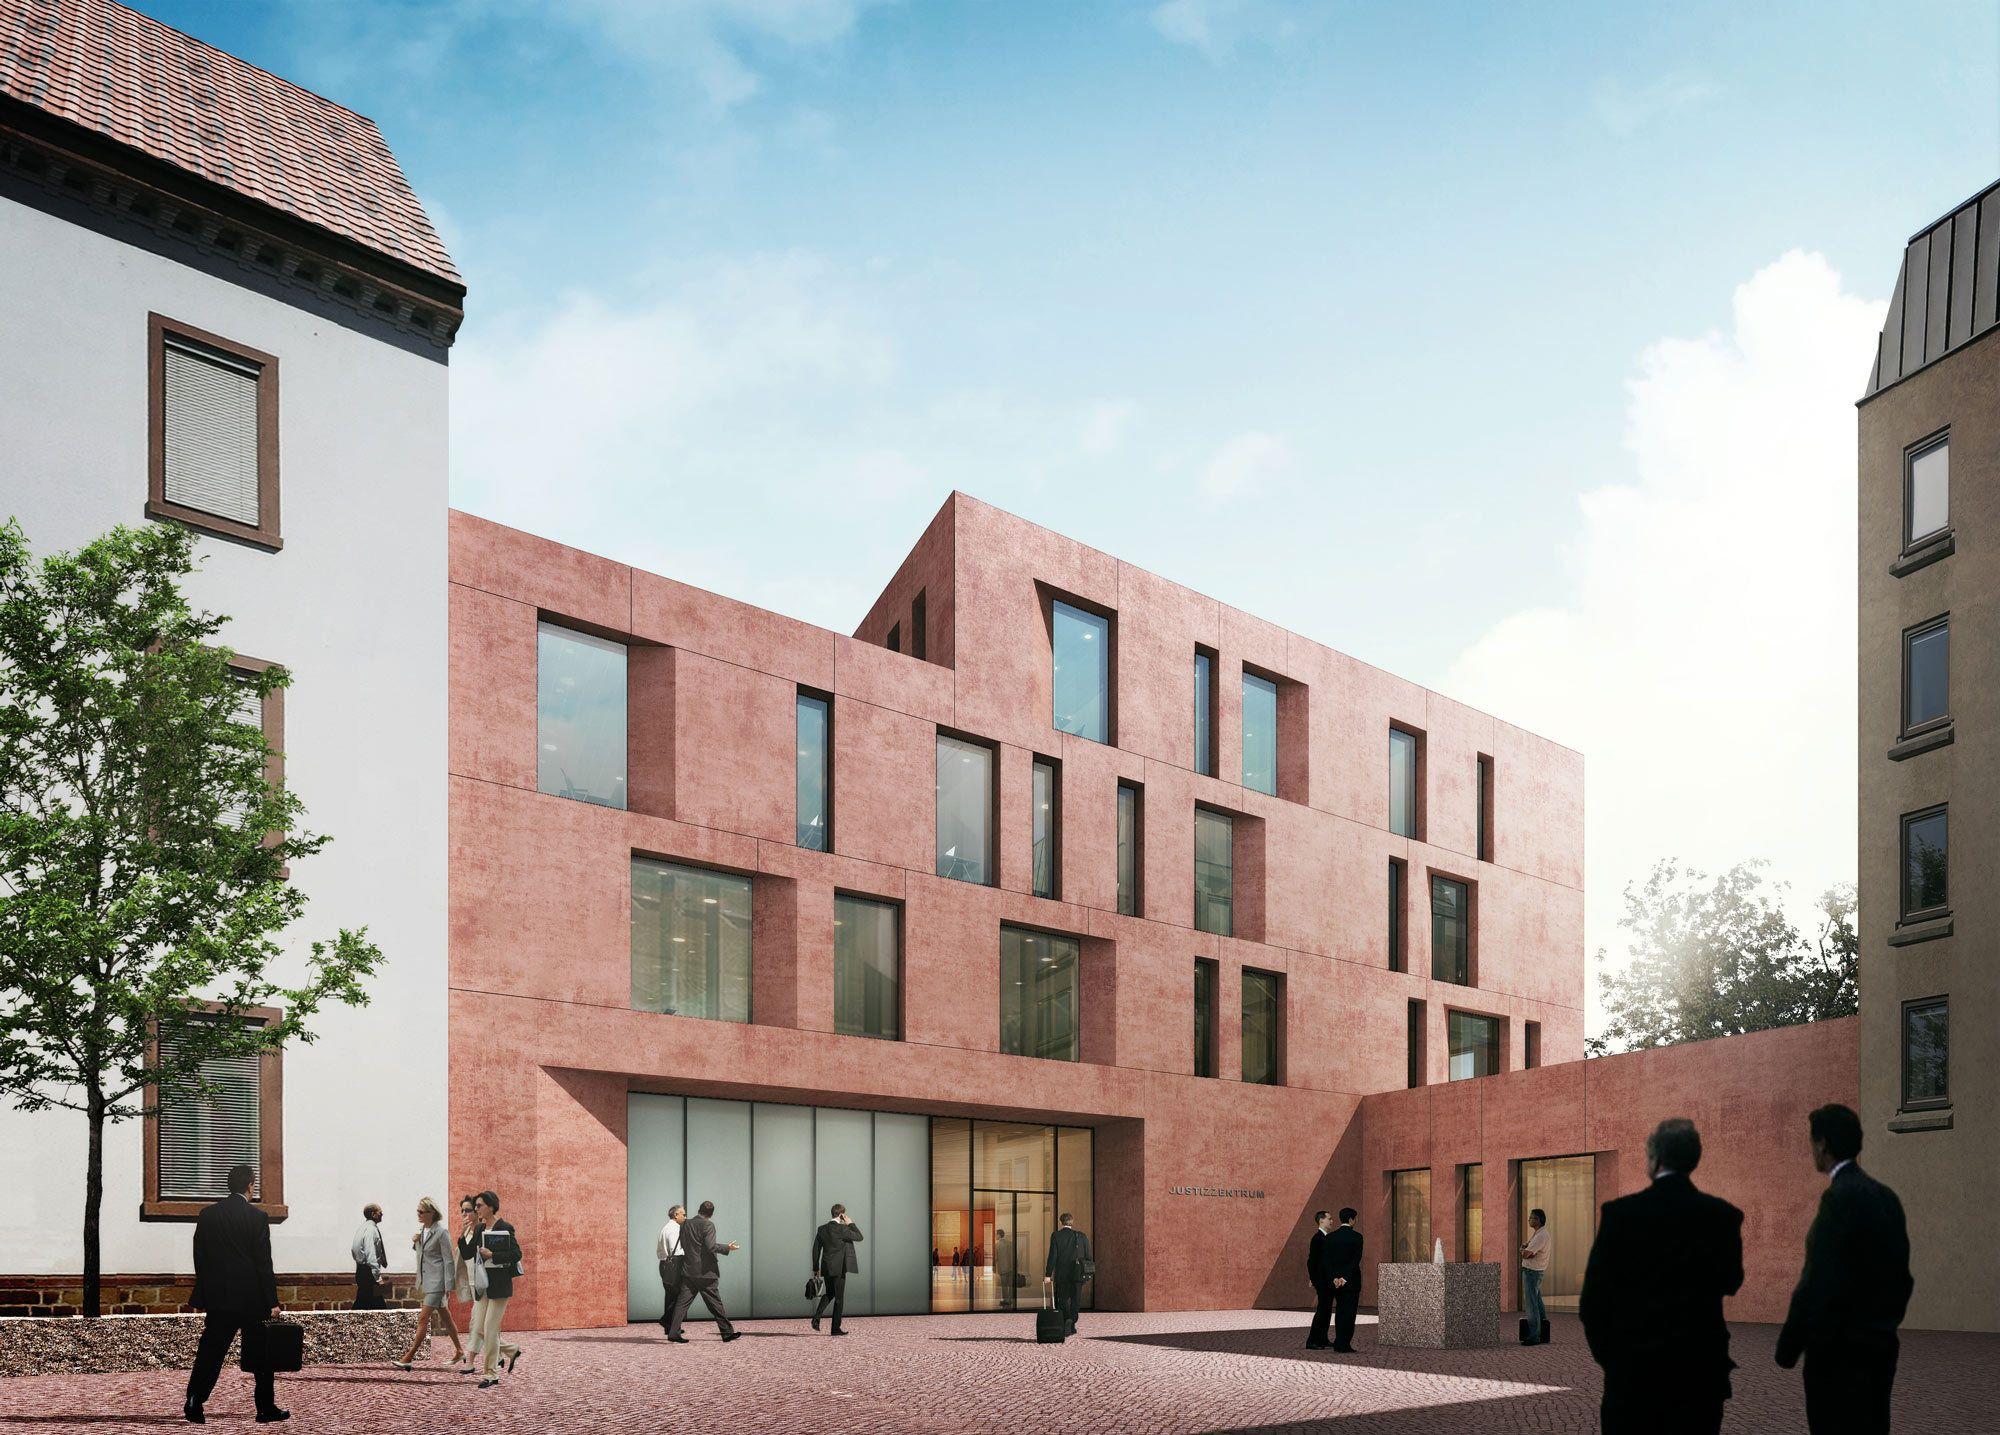 Architektur Freiburg justizzentrum freiburg auer weber gewinnen wettbewerb fassaden